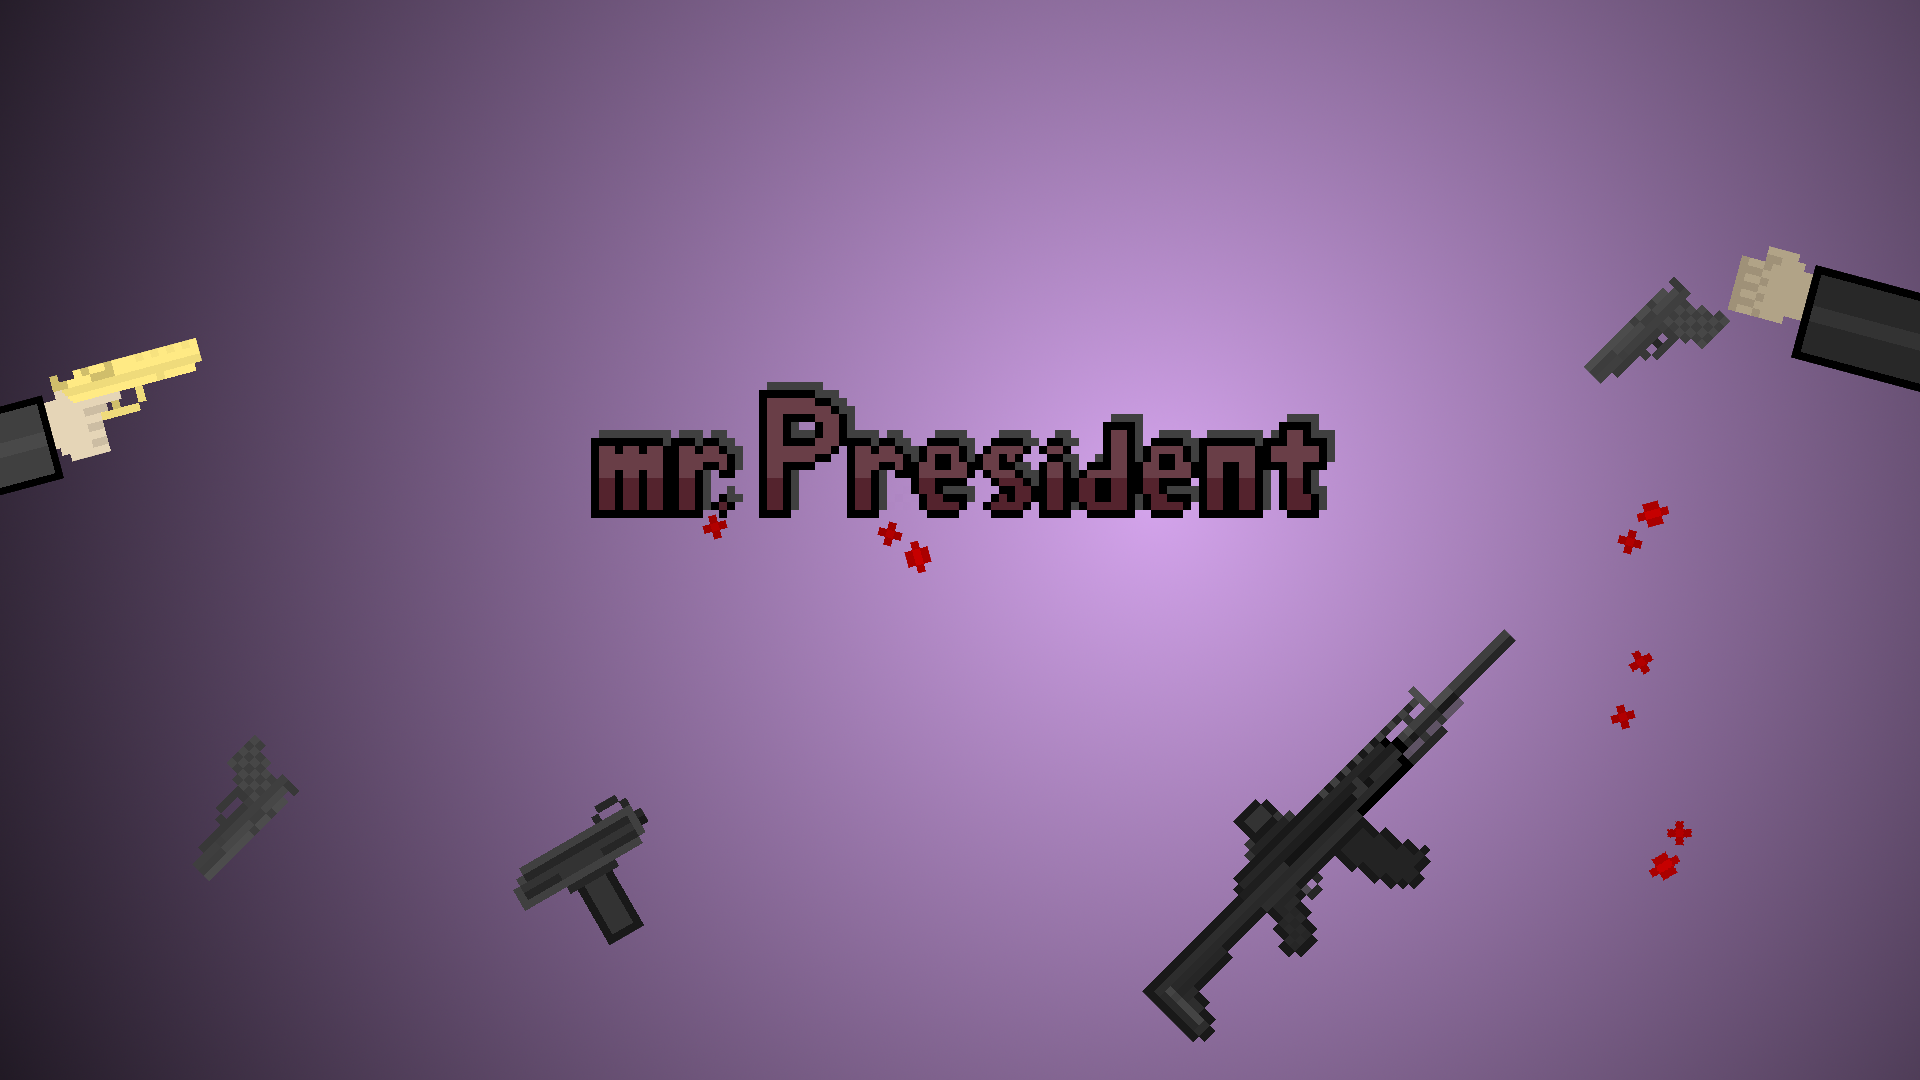 Mr president играть птичий мир 3д - a35ce